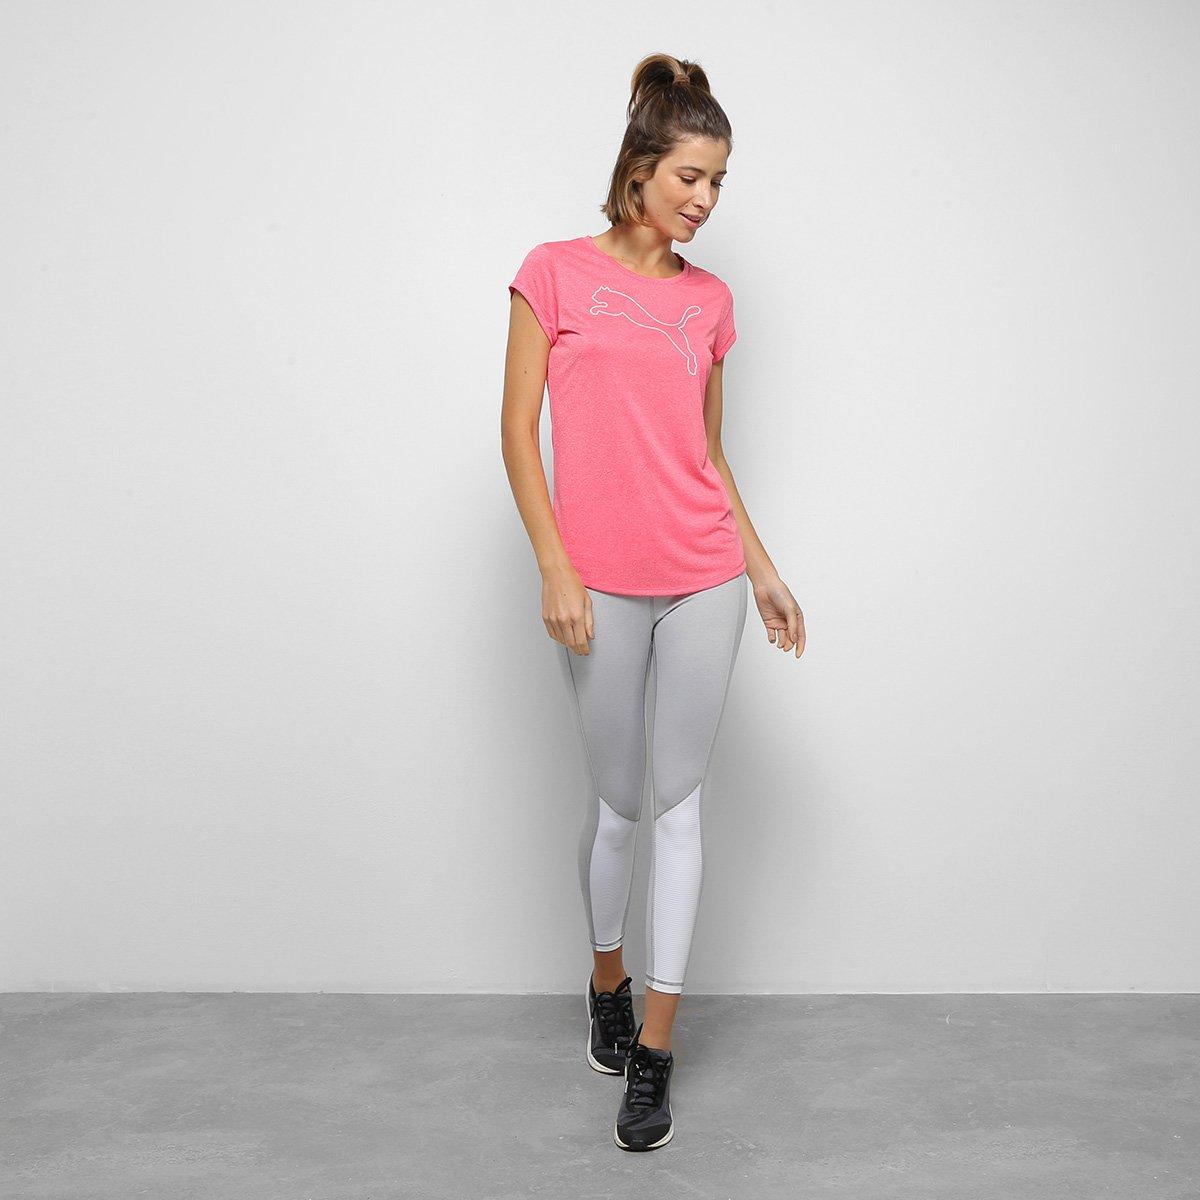 Camiseta Puma Active Heather Feminina - Tam: G - 2